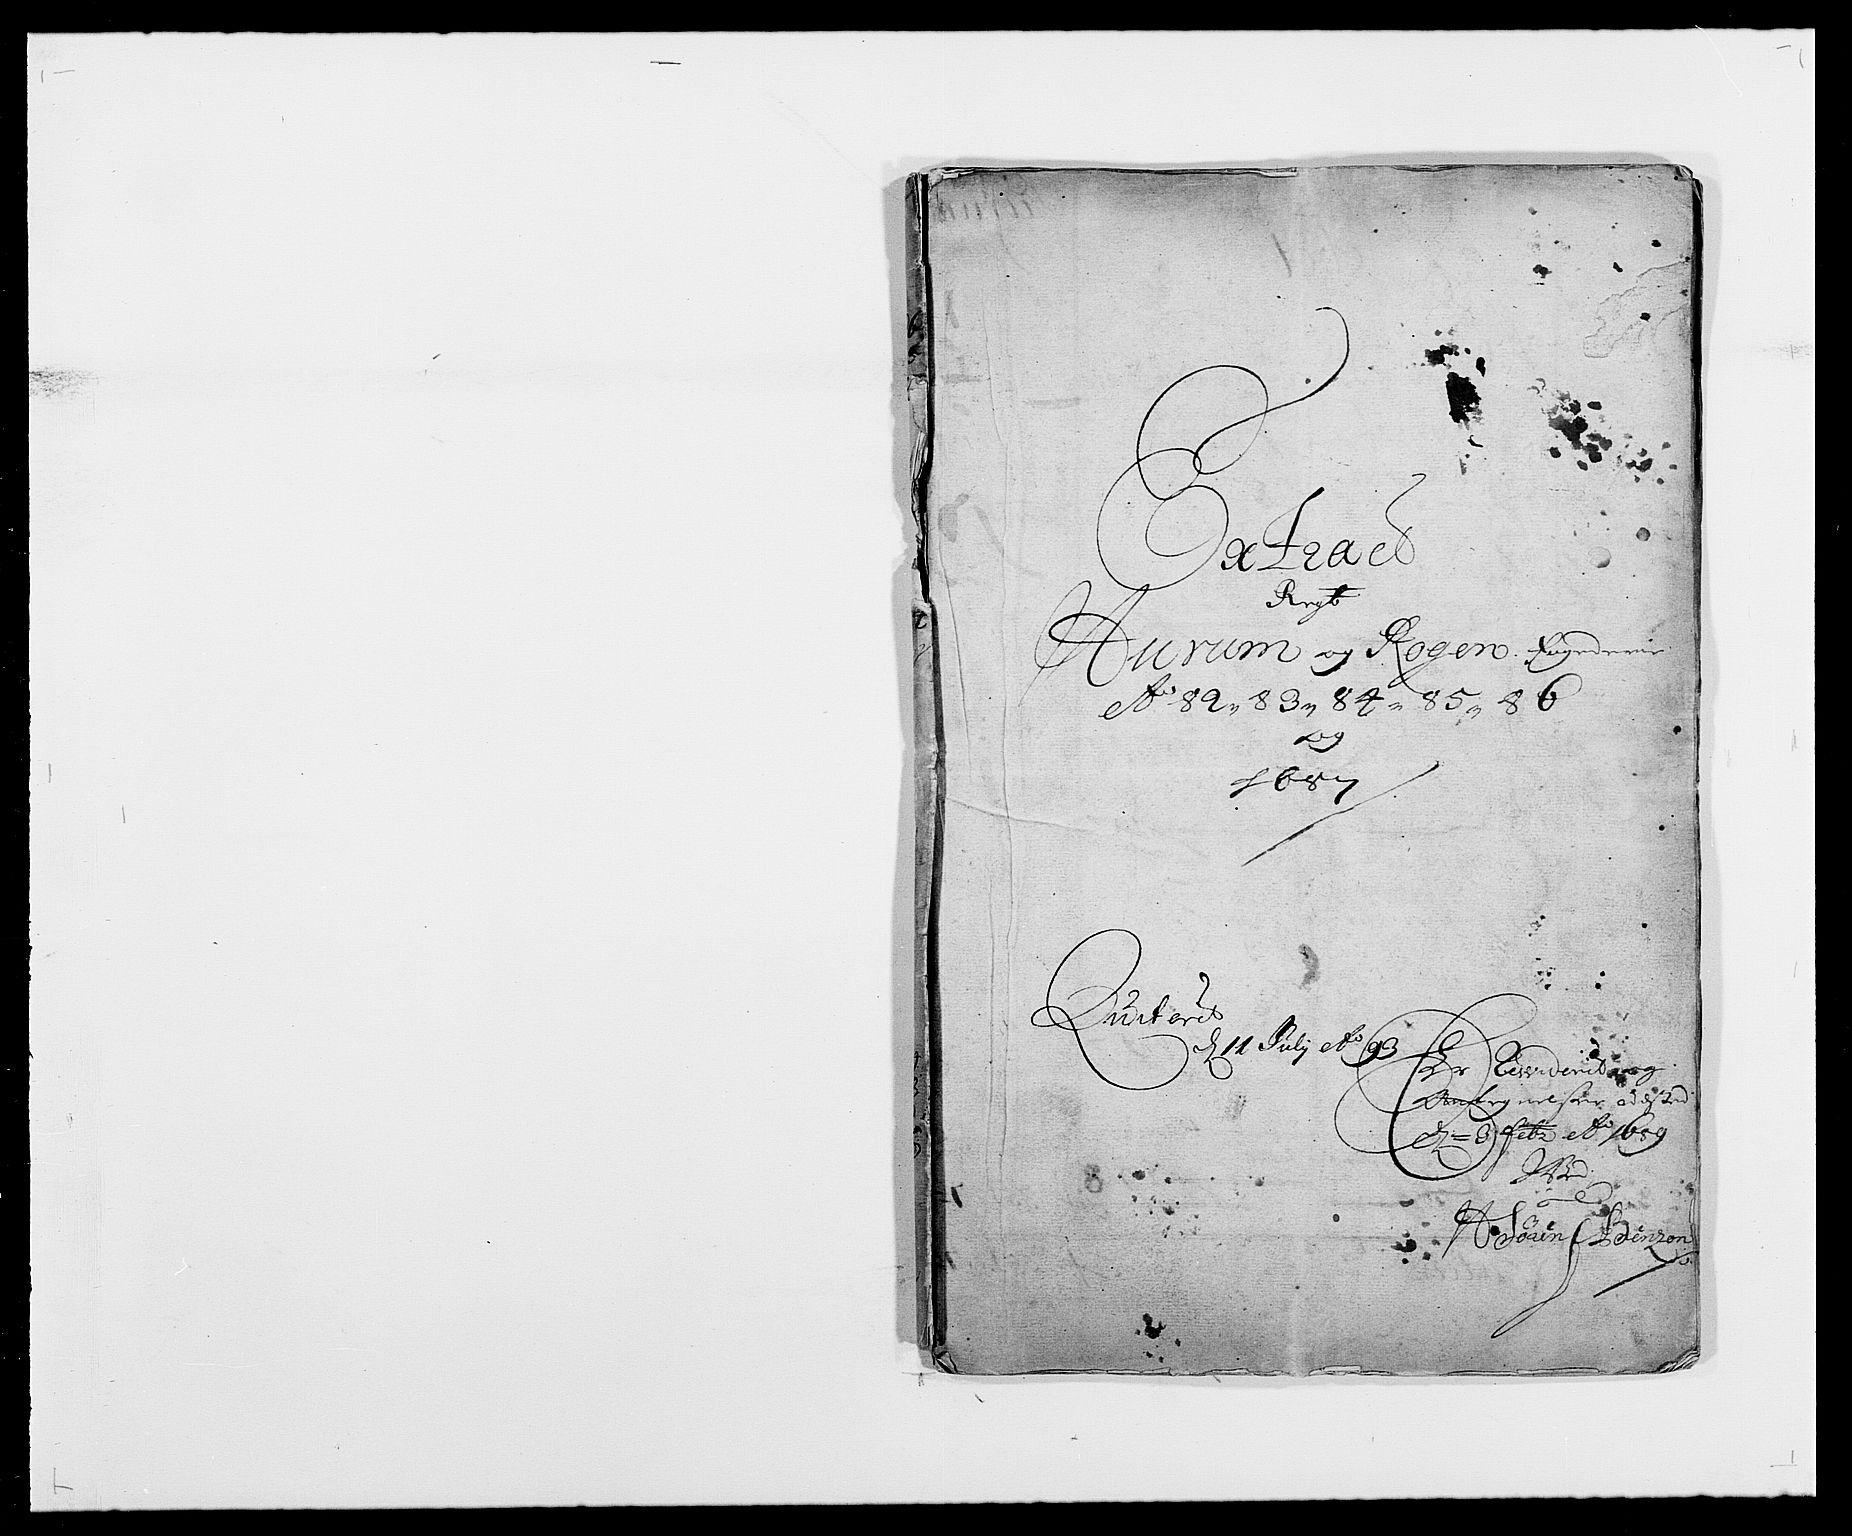 RA, Rentekammeret inntil 1814, Reviderte regnskaper, Fogderegnskap, R29/L1692: Fogderegnskap Hurum og Røyken, 1682-1687, s. 1